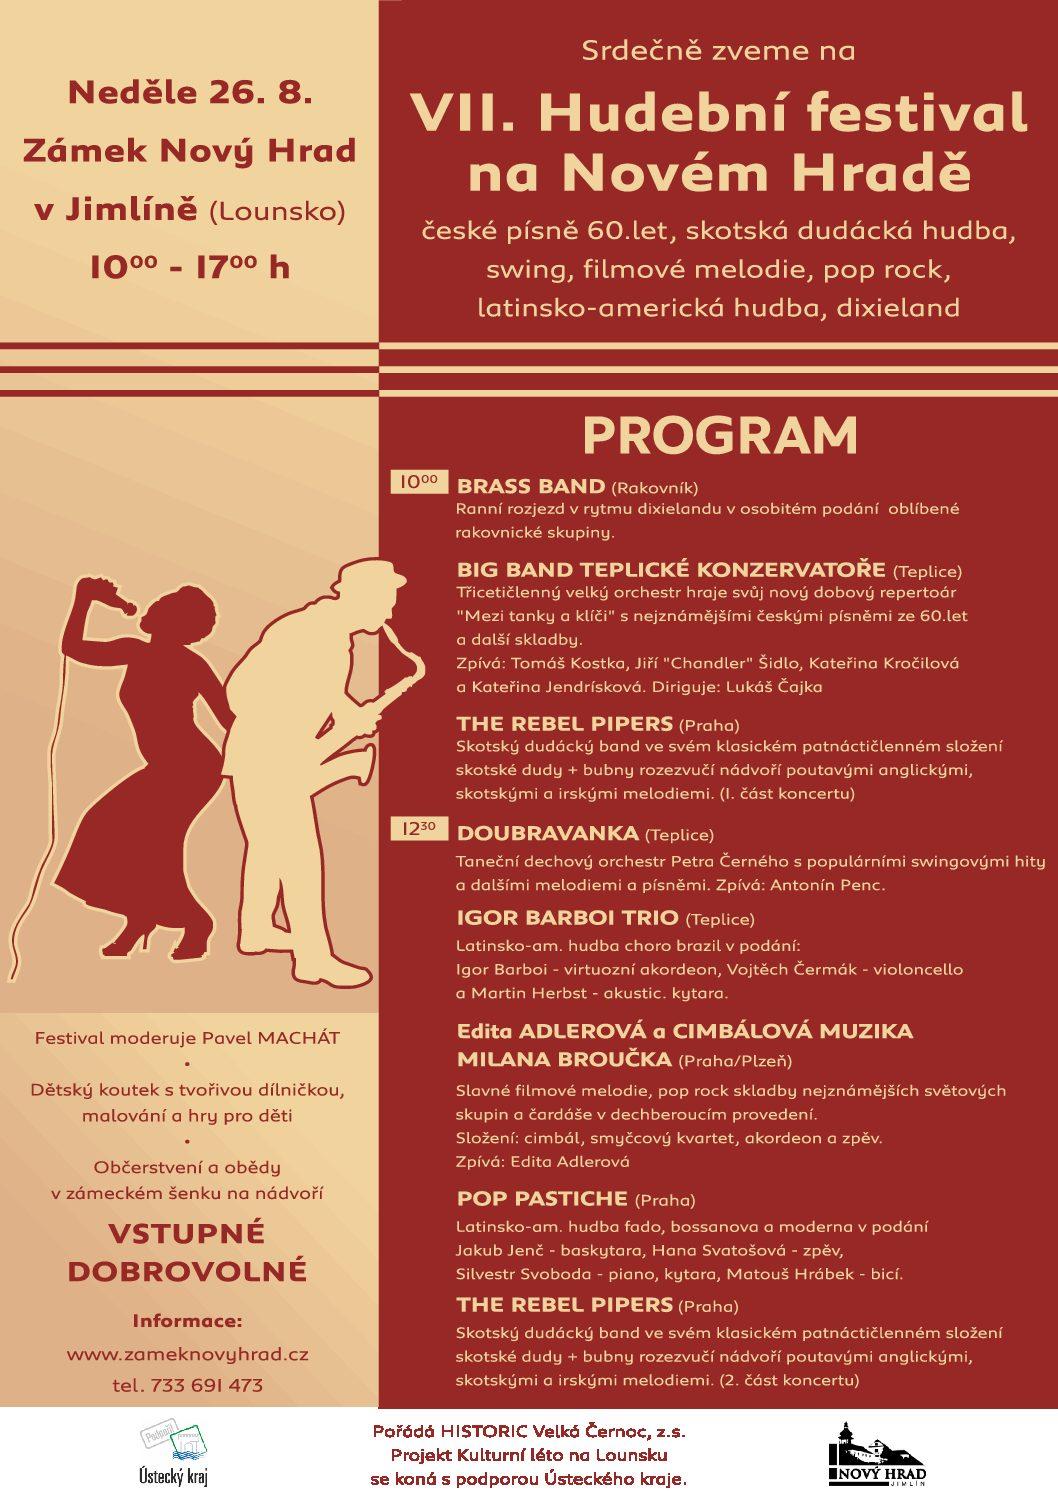 VII. Hudební festival na Novém Hradě